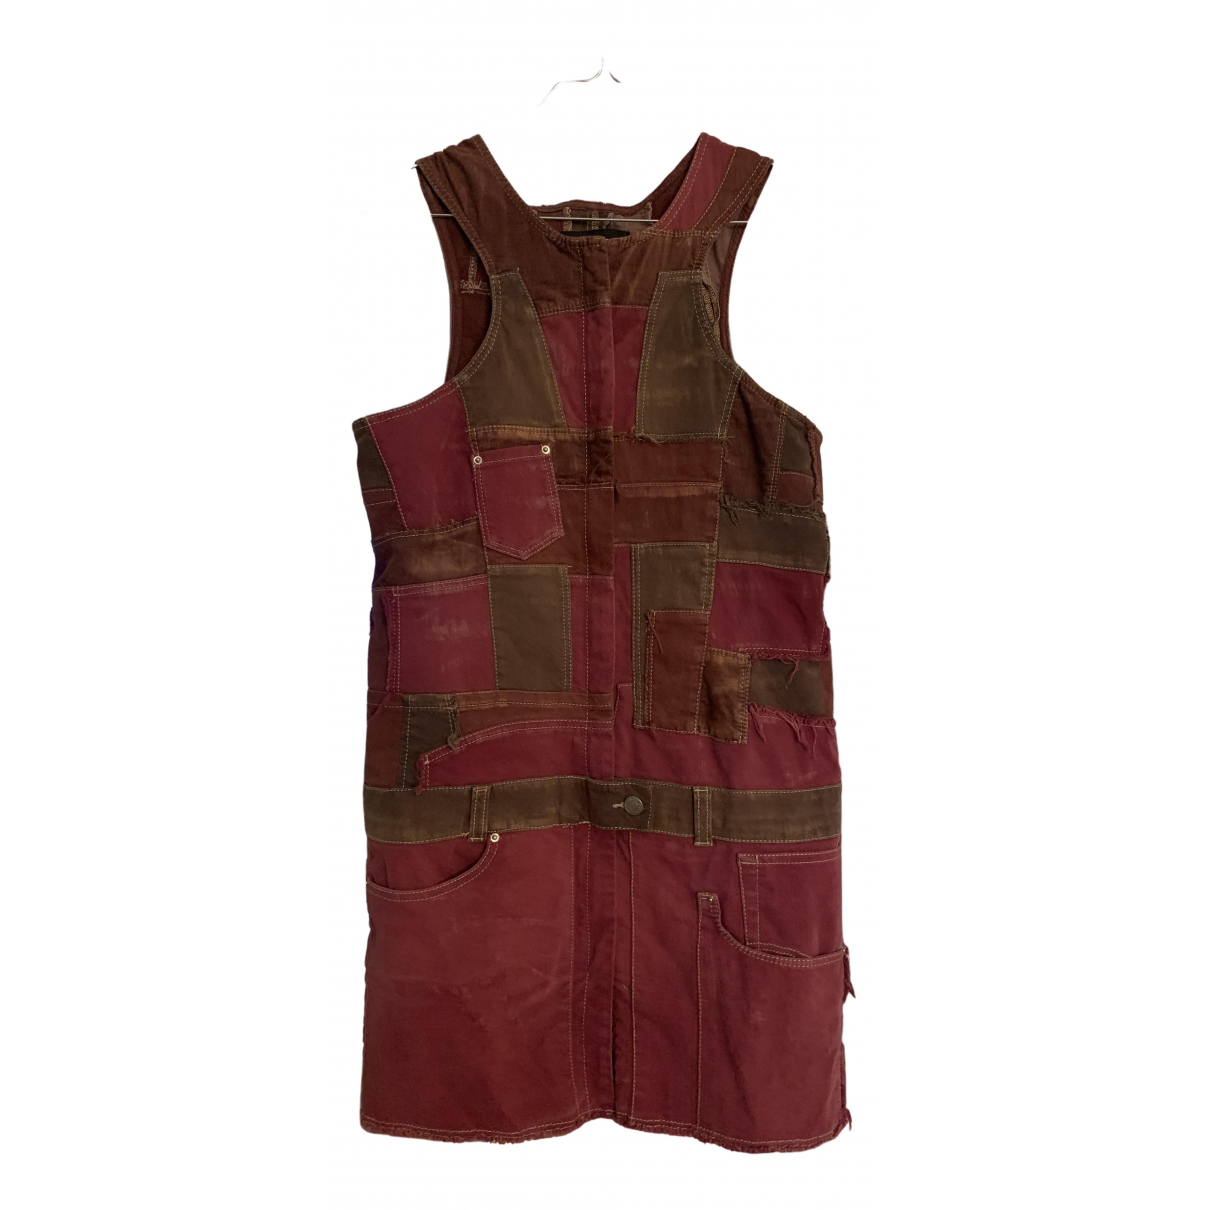 Isabel Marant N Pink Cotton dress for Women 36 FR